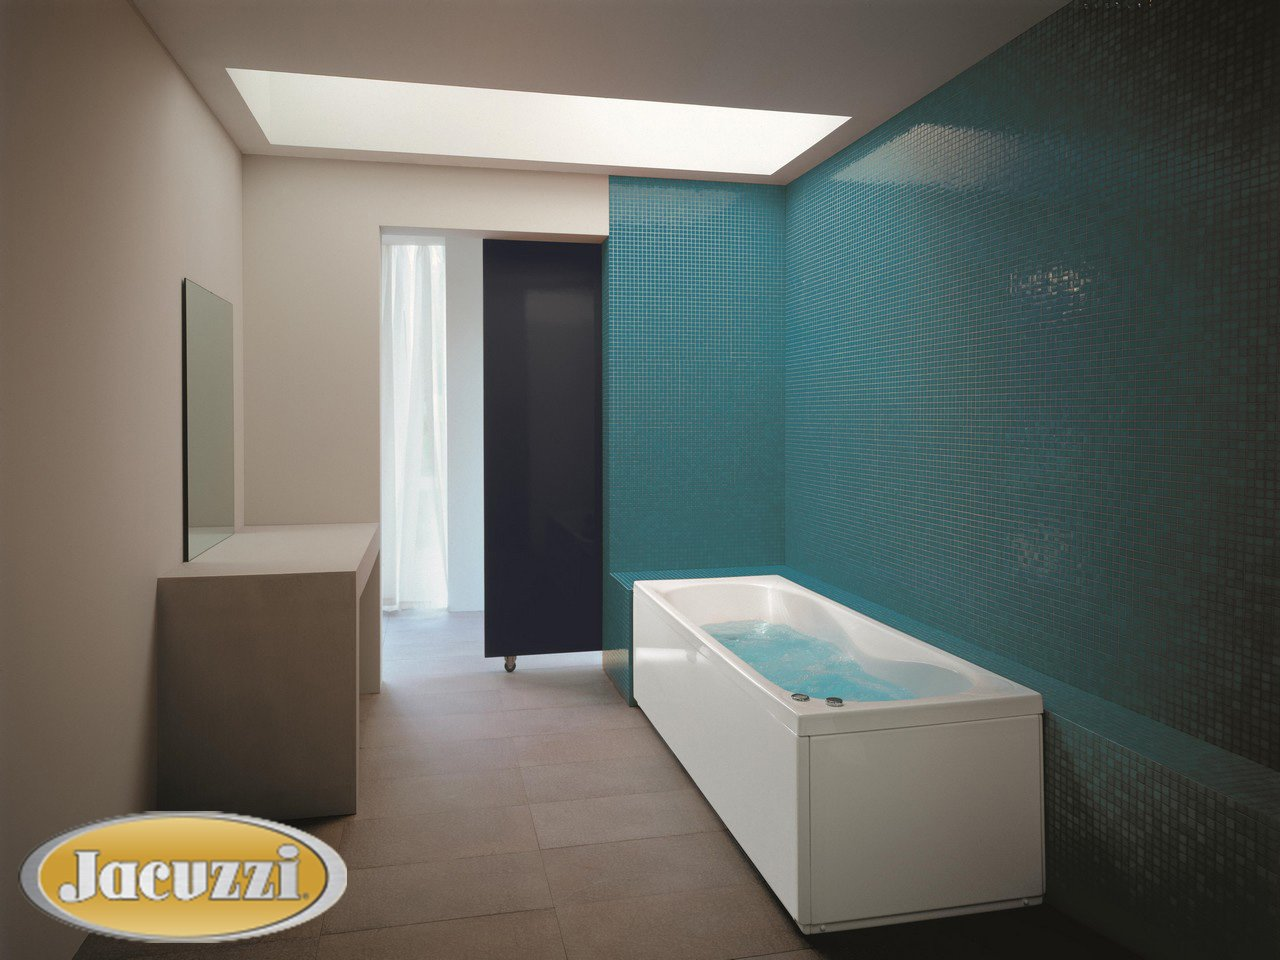 Bagno Decorazione » iperceramica bagni. castiglione d orcia bagni ...